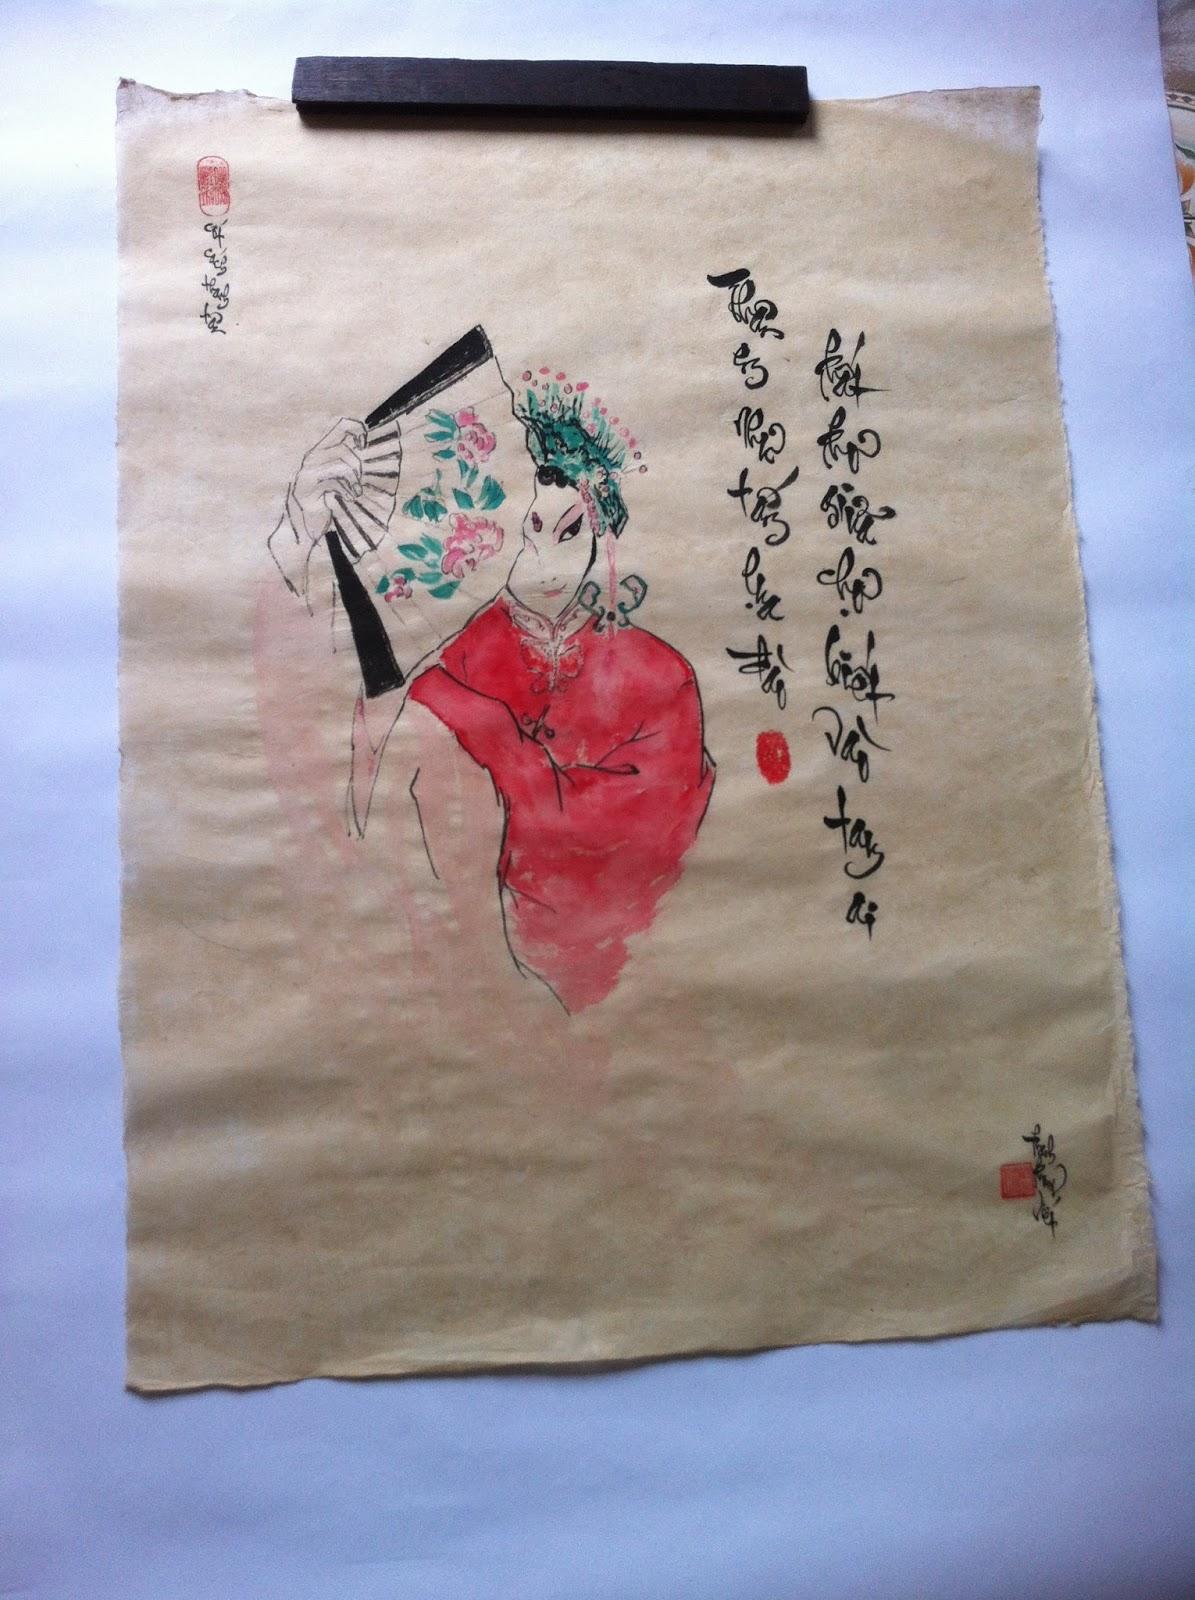 Chữ thư pháp đẹp: Thân em như tấm lụa đào, phất phơ giữa chợ biết vào tay ai